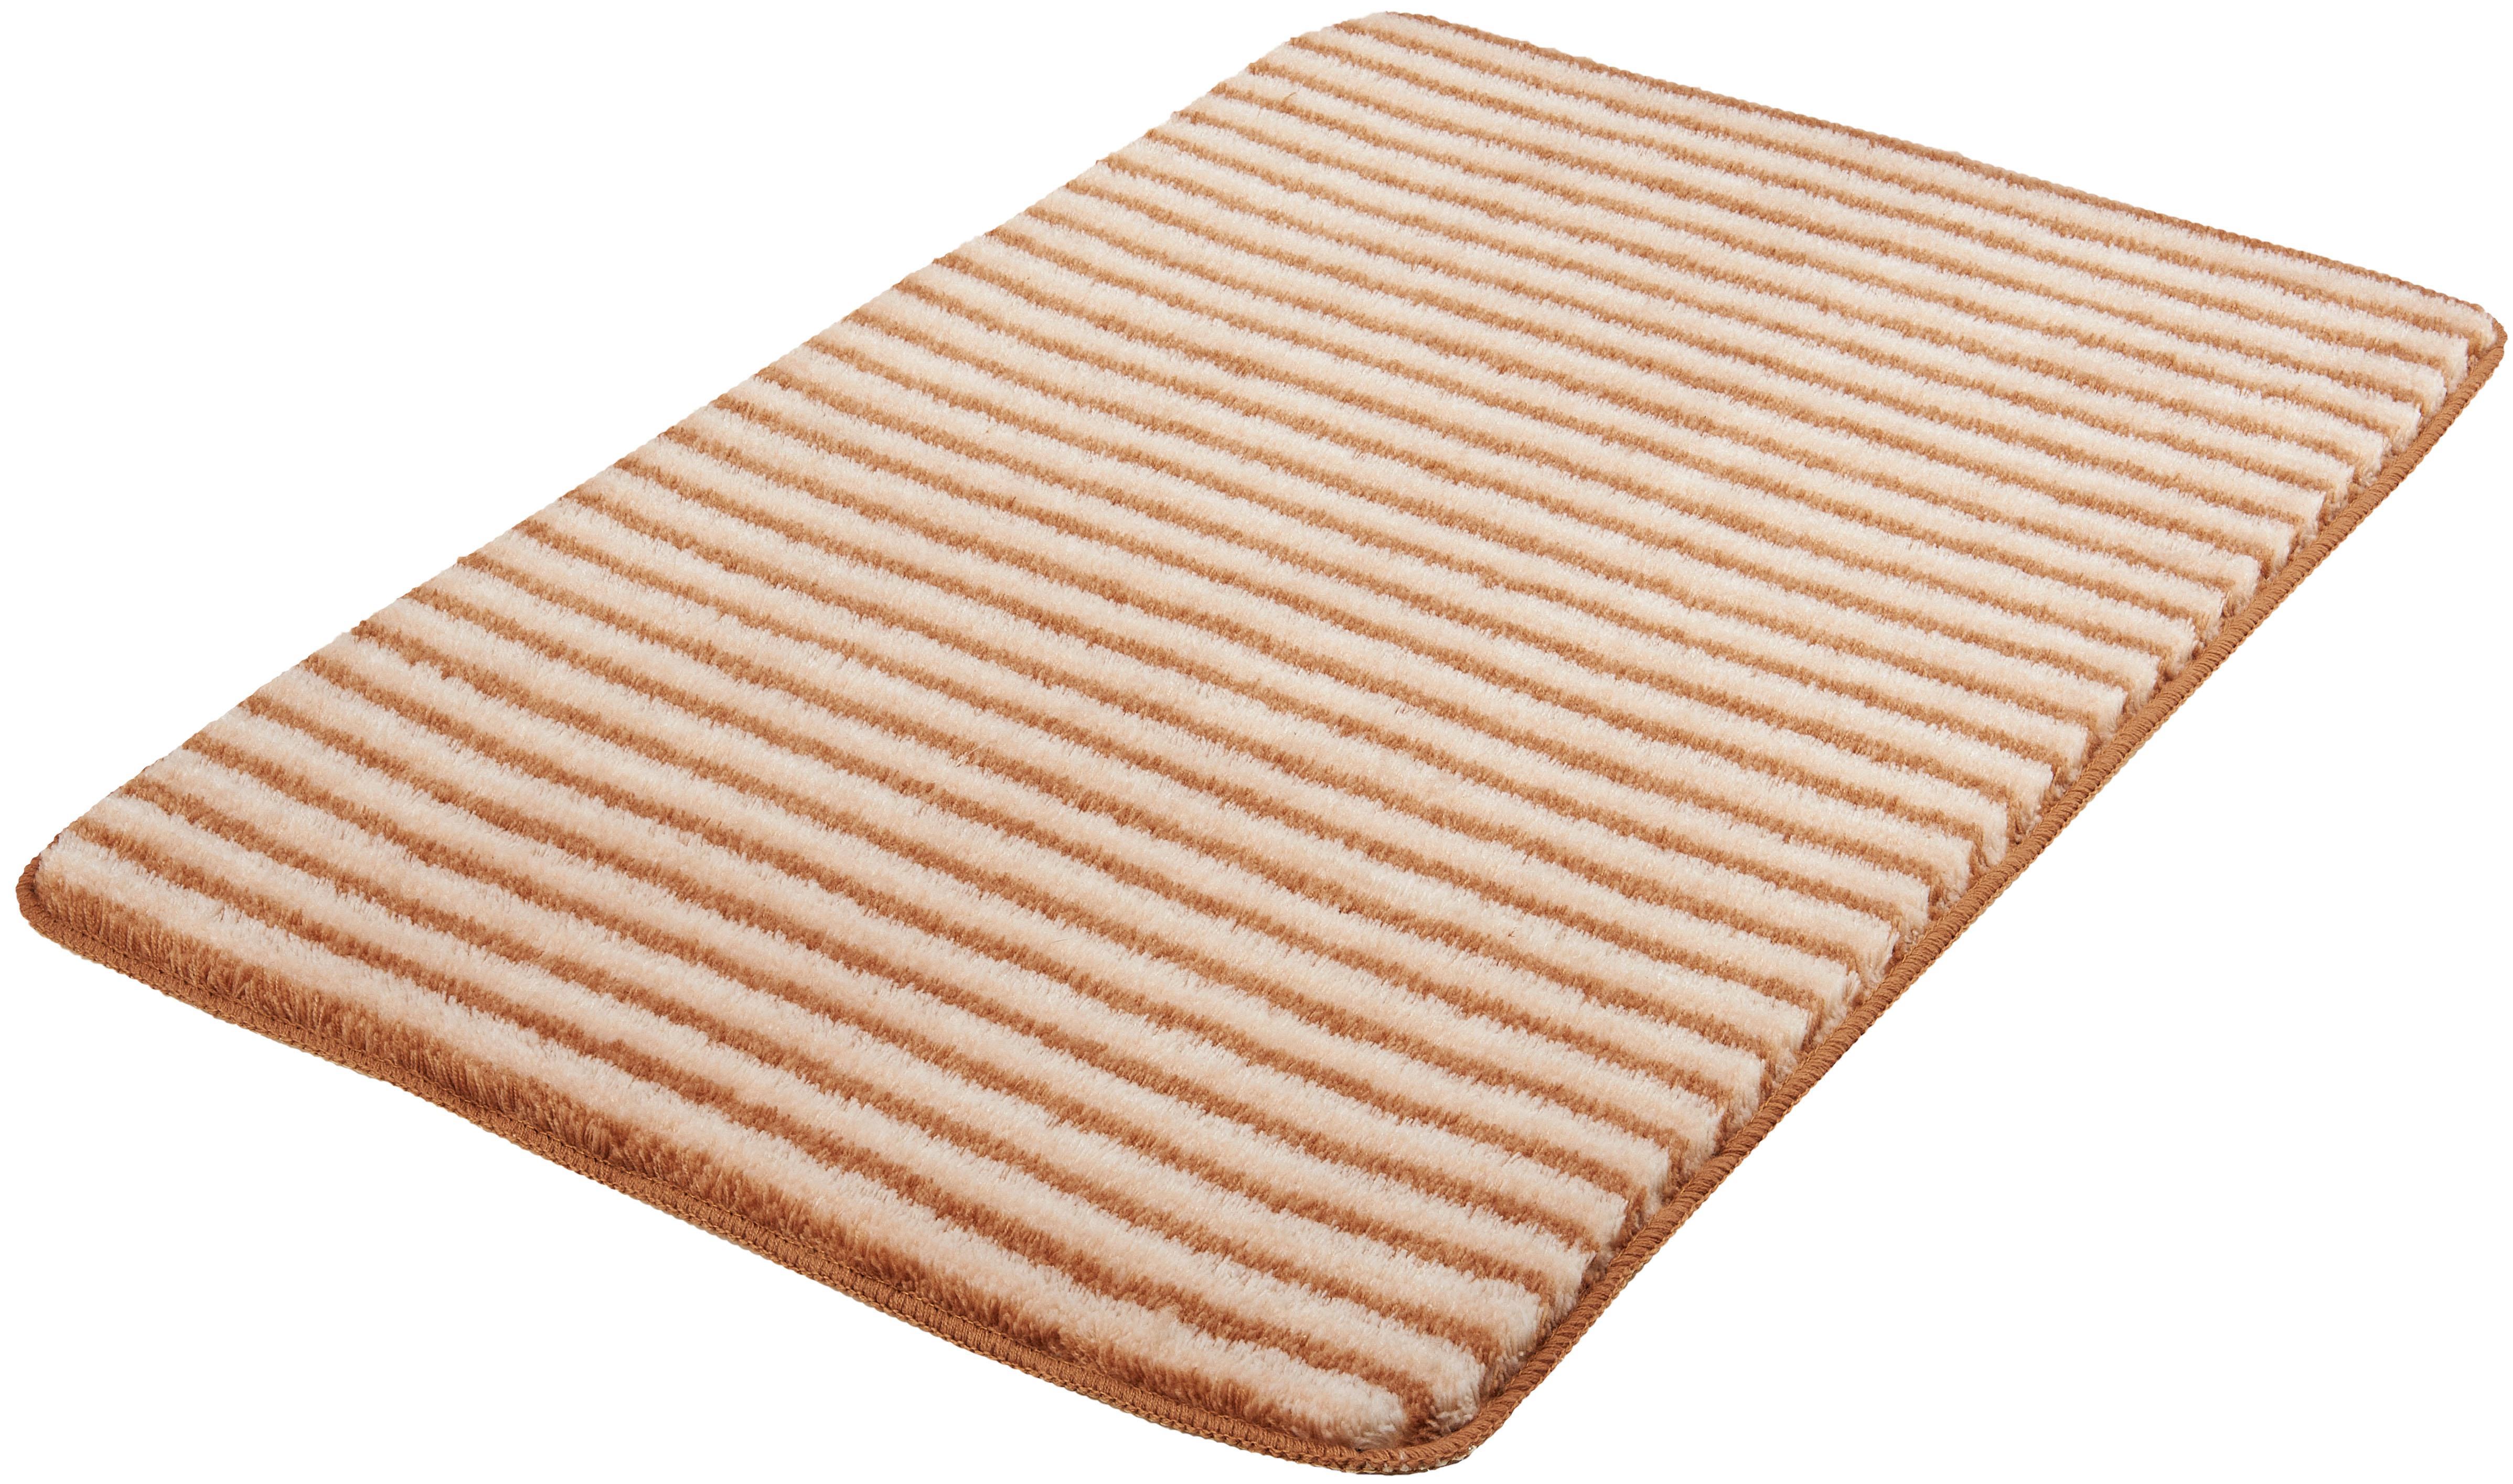 Badematte Lana MEUSCH Höhe 15 mm rutschhemmend beschichtet fußbodenheizungsgeeignet